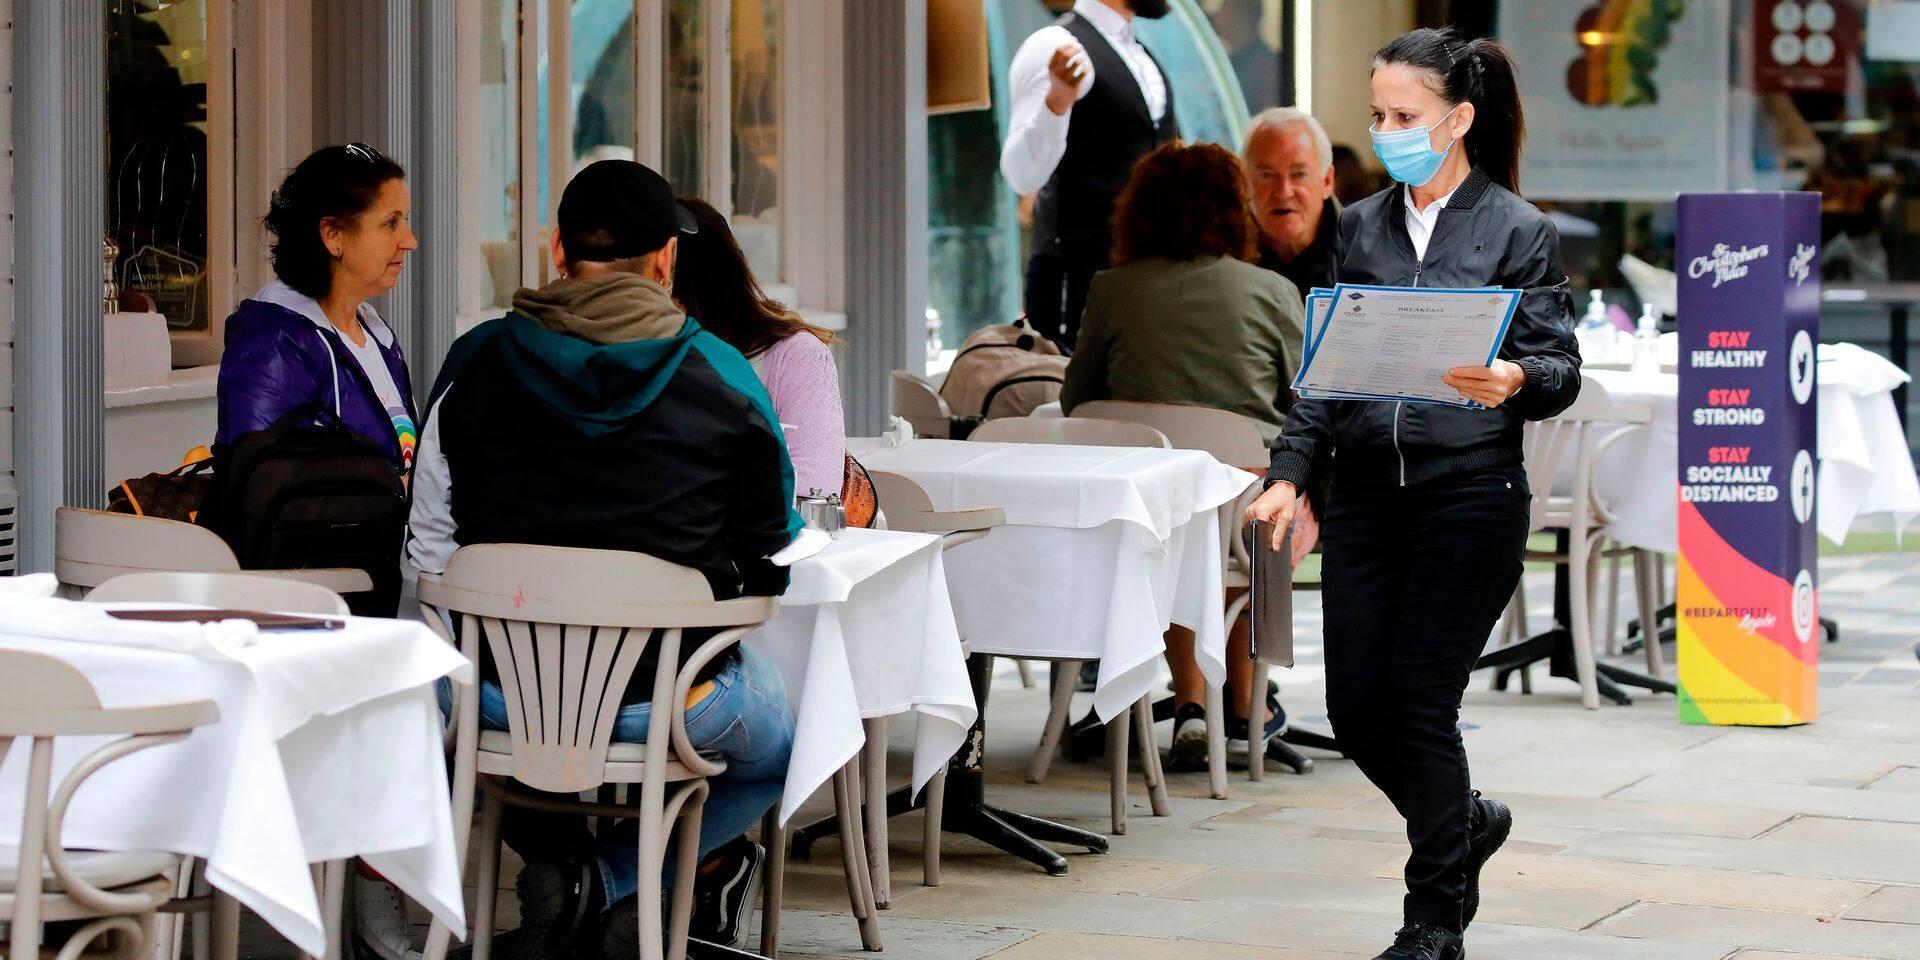 """La police à nouveau sollicitée pour des contrôles dans les établissements horeca: """"Nous ne pourrons pas être partout"""""""